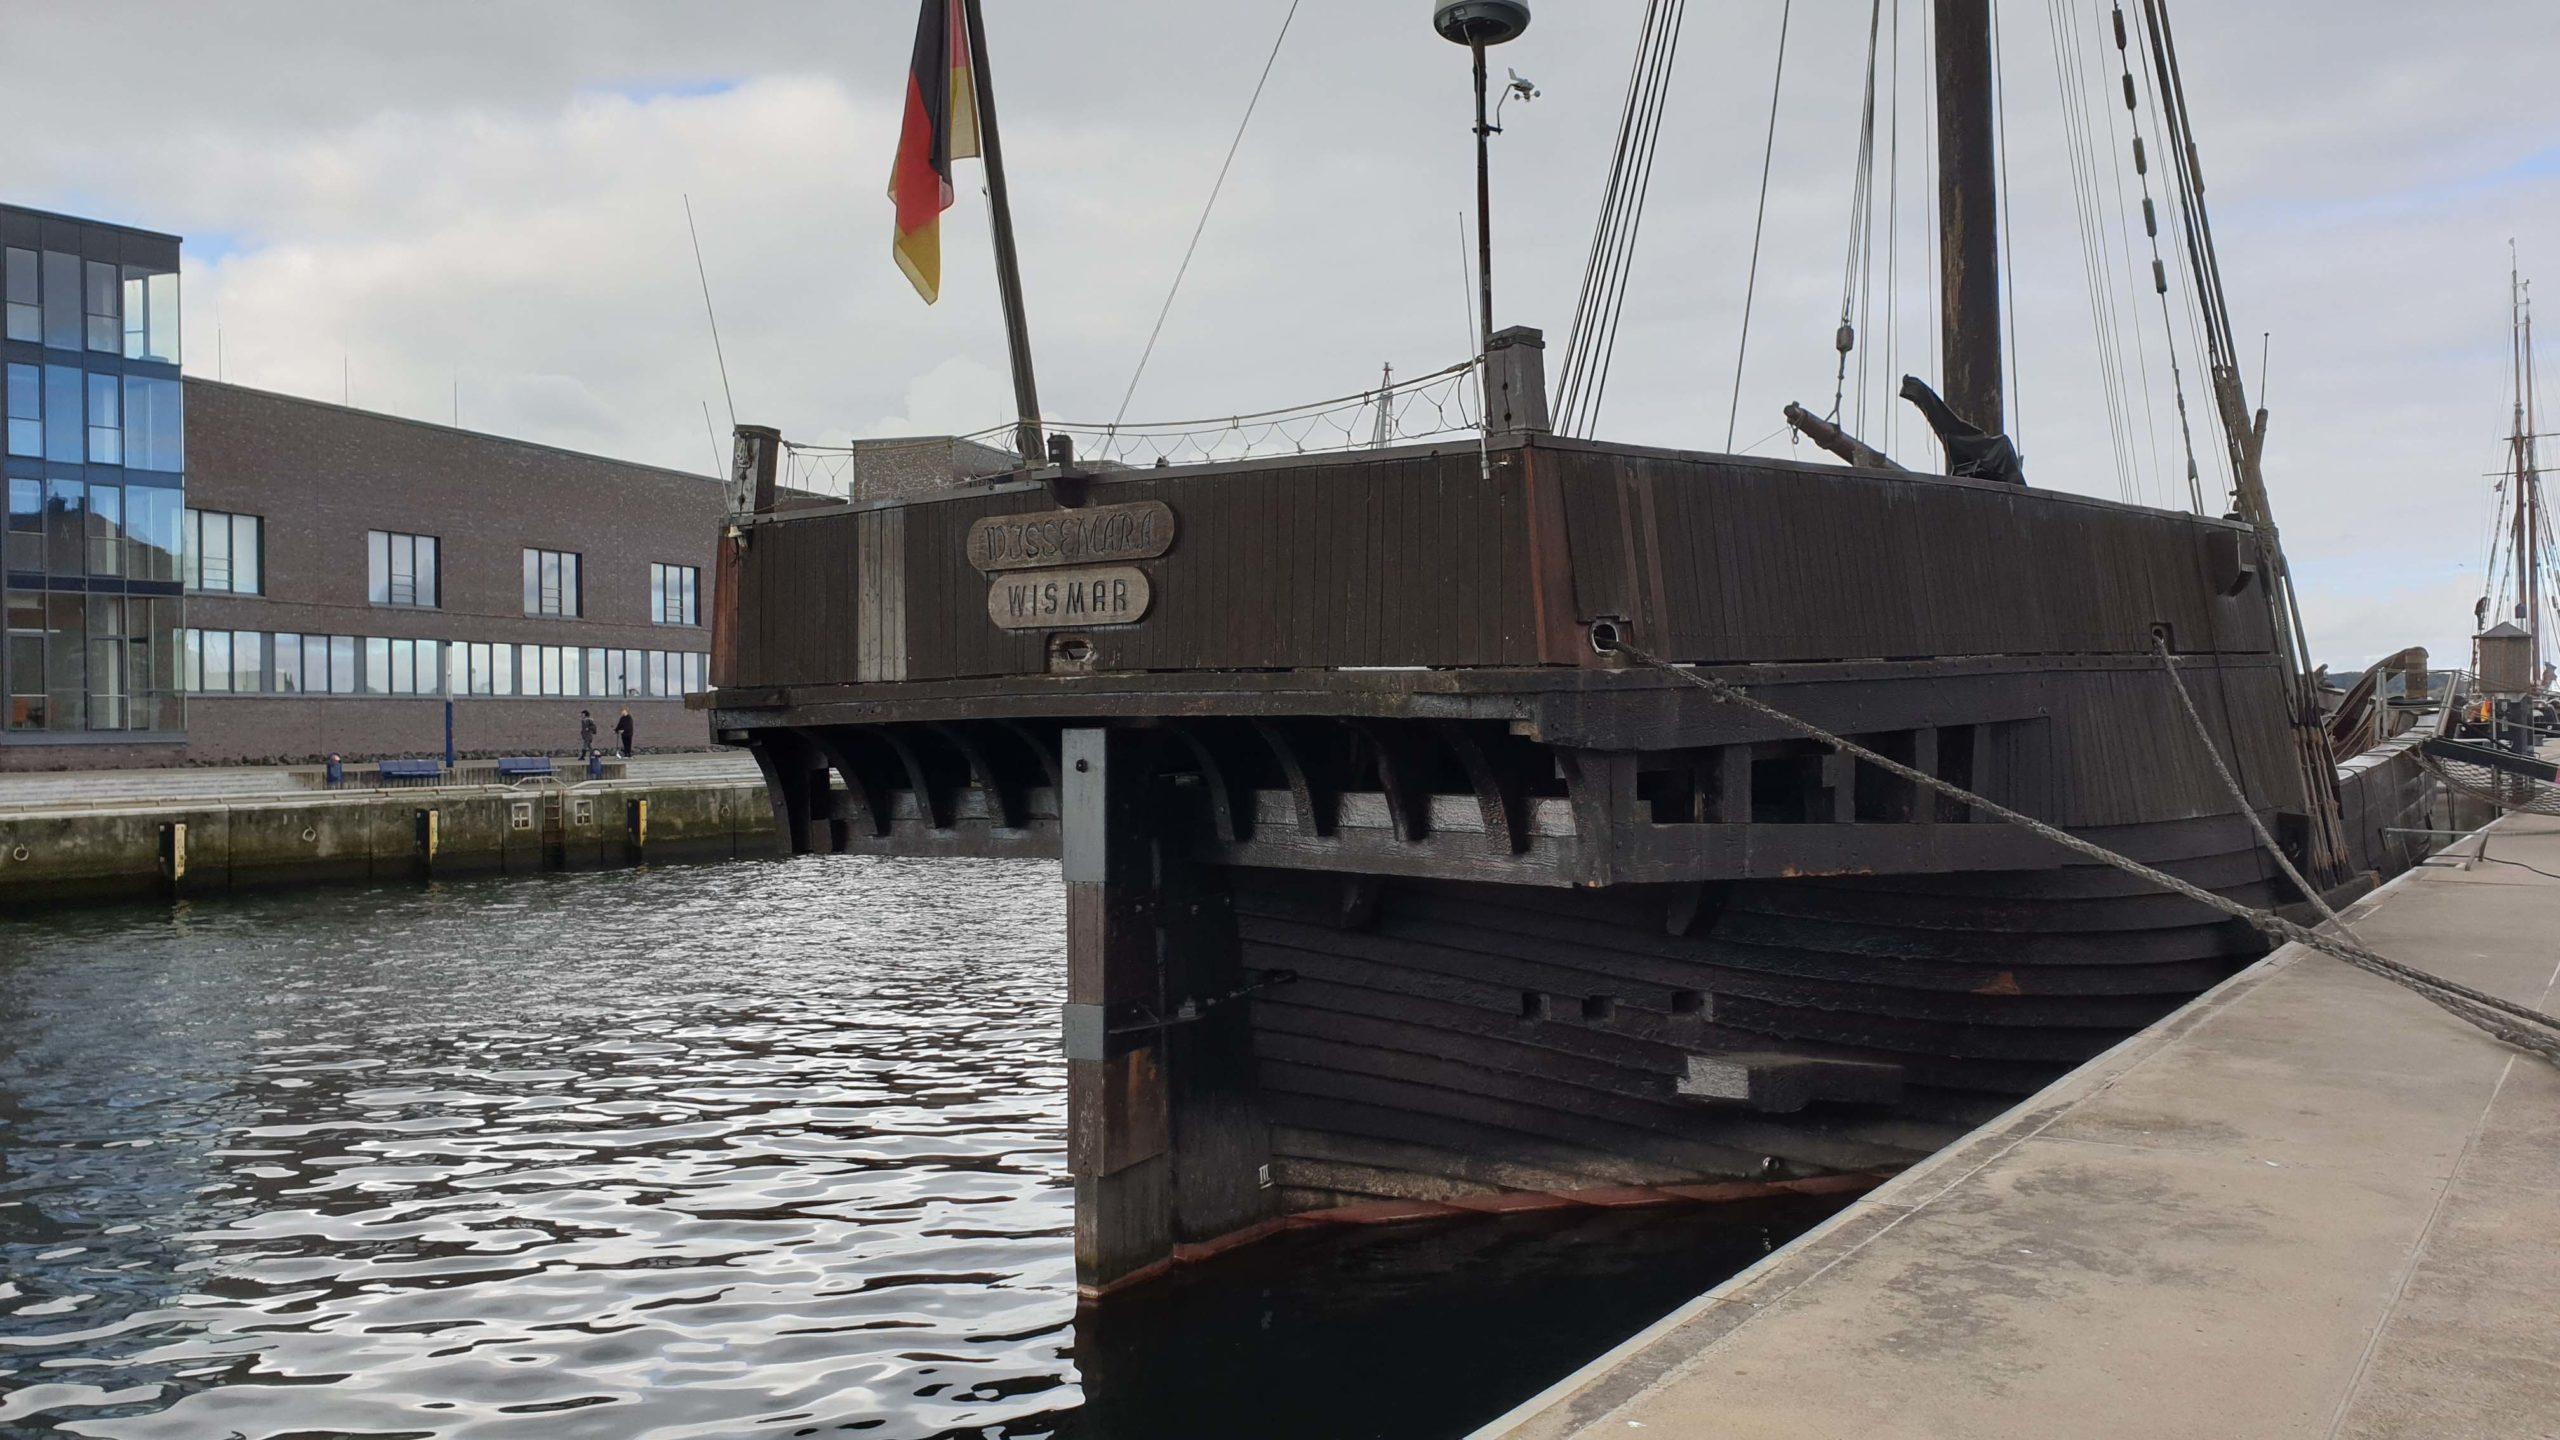 Wismar Ship in Wismar, Germany